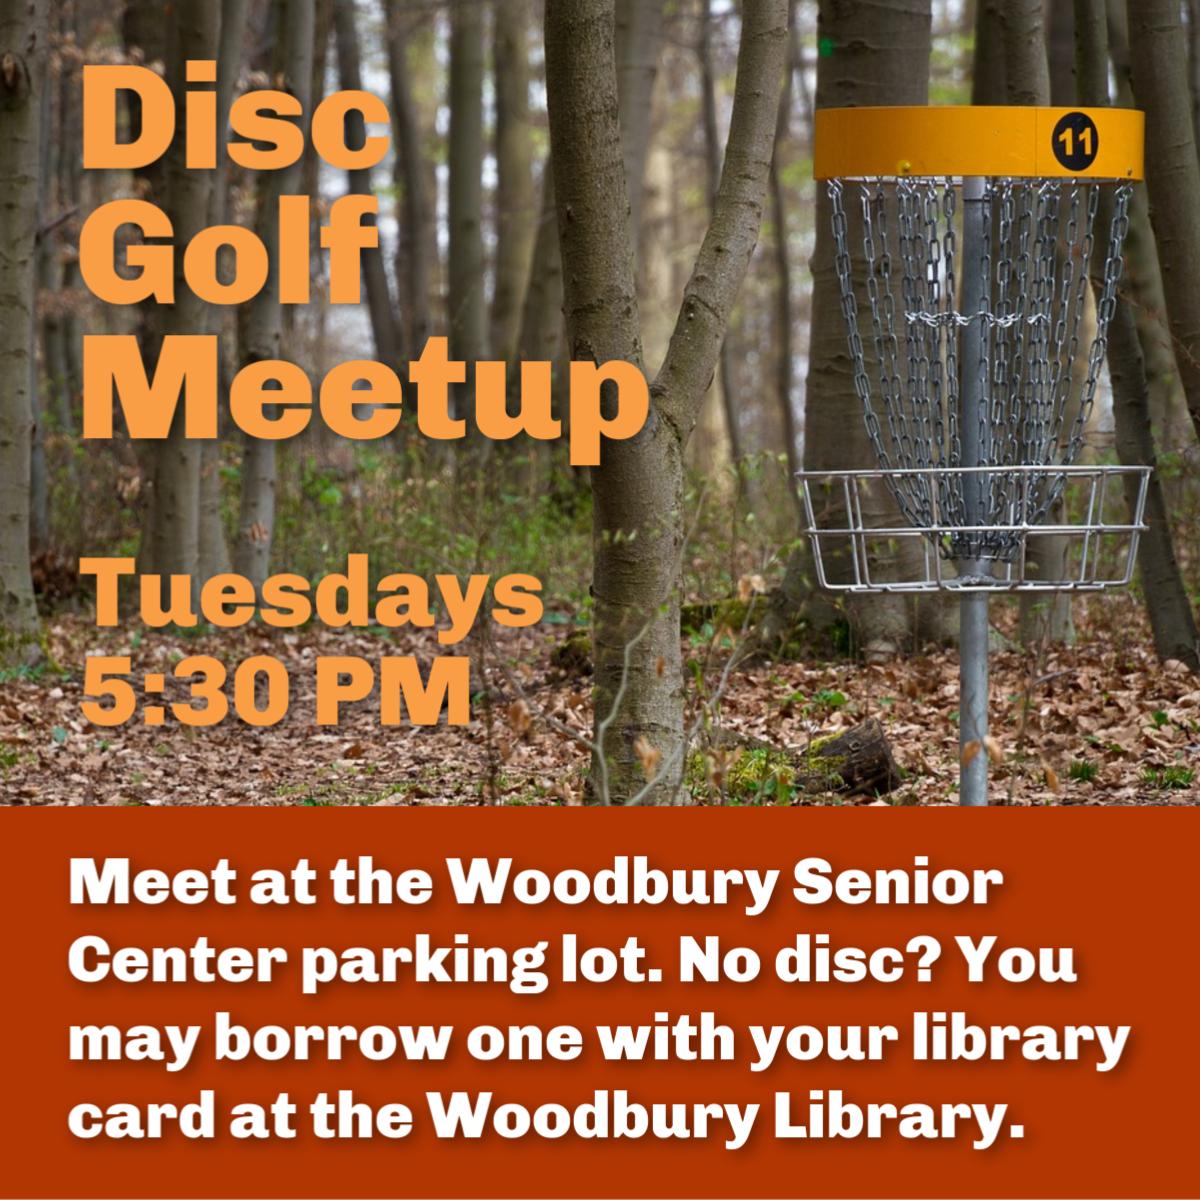 Disc Golf Meetup